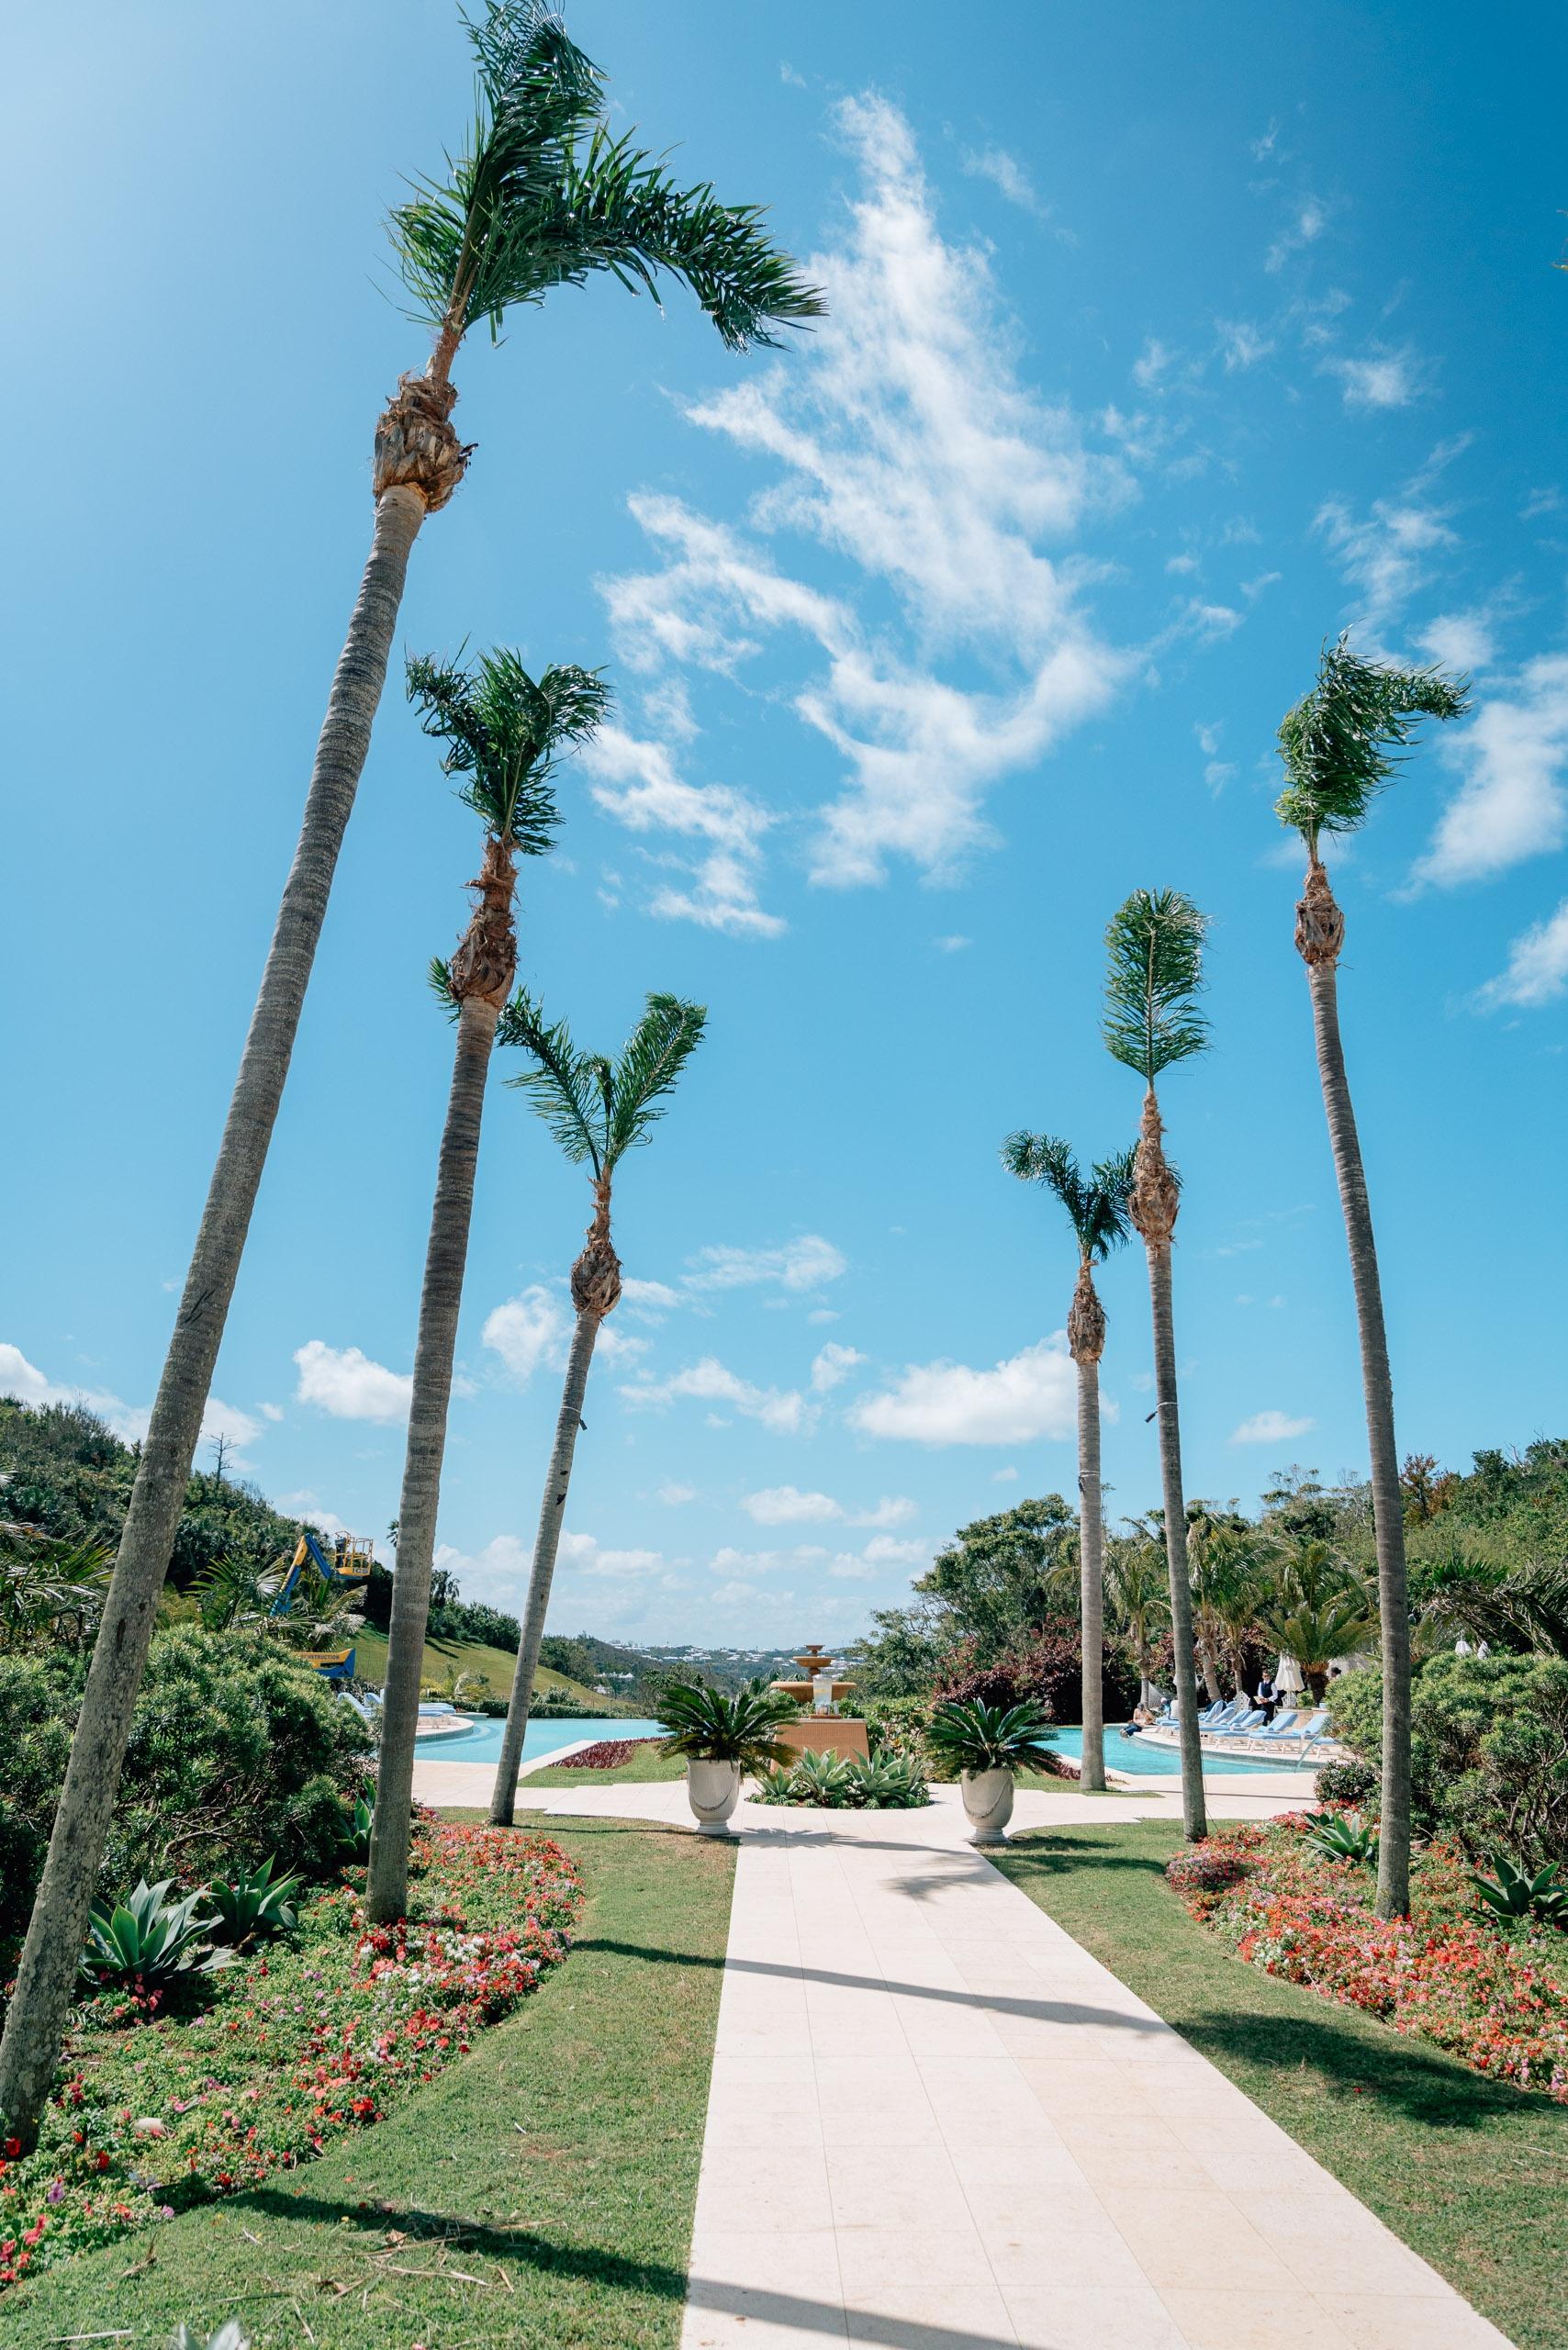 The Pool at the Rosewood Bermuda 2